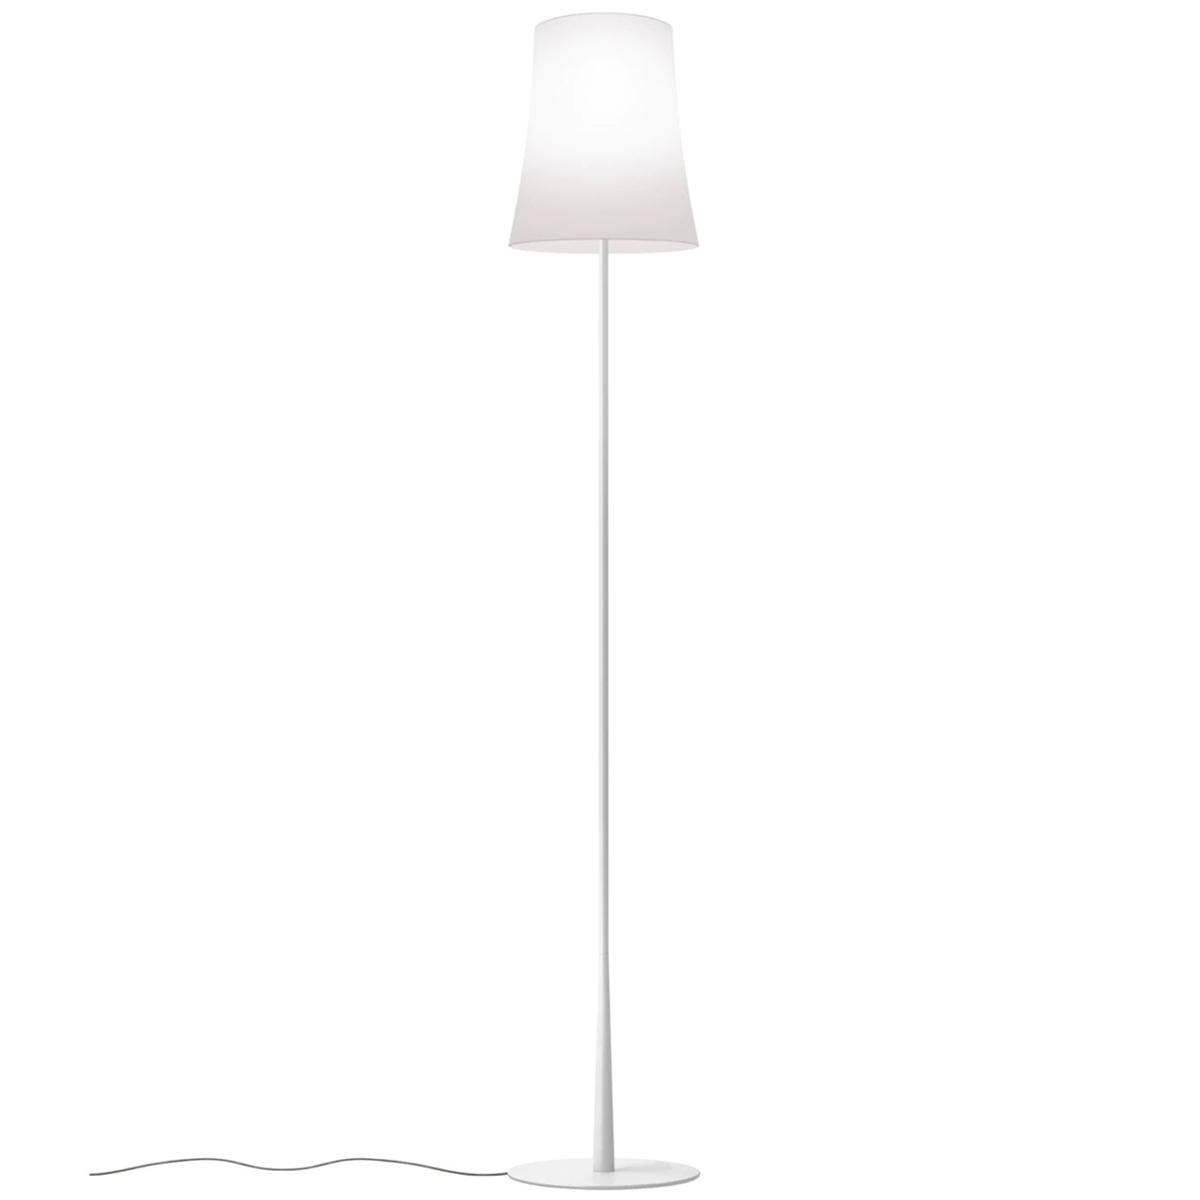 Foscarini Birdie Easy Floor Lamp, White